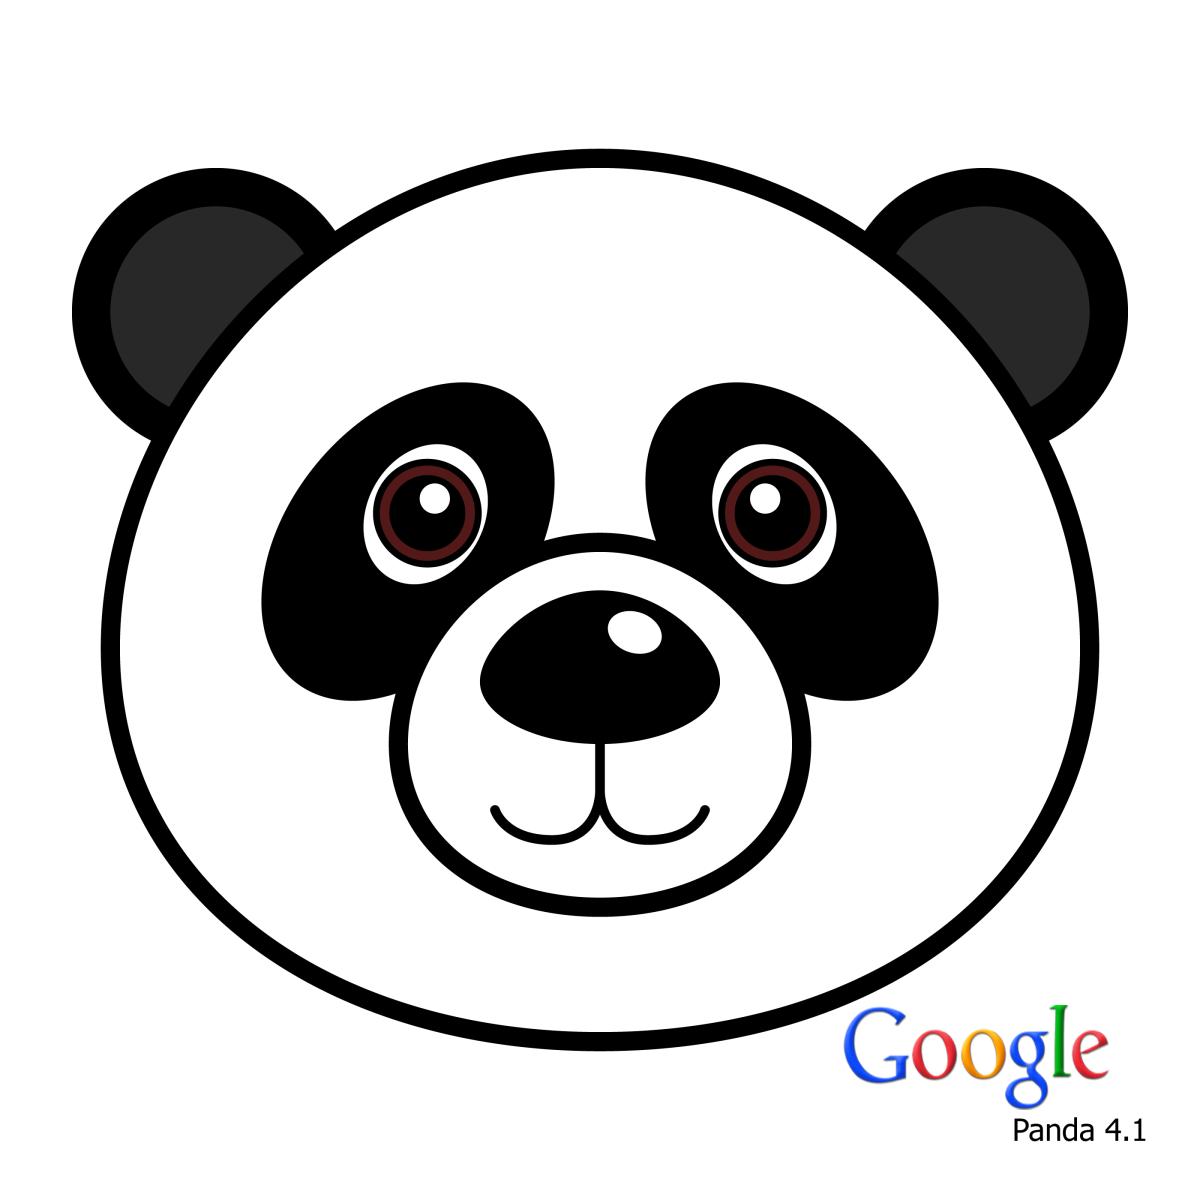 Google Panda 4 1 A The Good The Bad And The Penalty Panda Illustration Panda Artwork Cute Panda